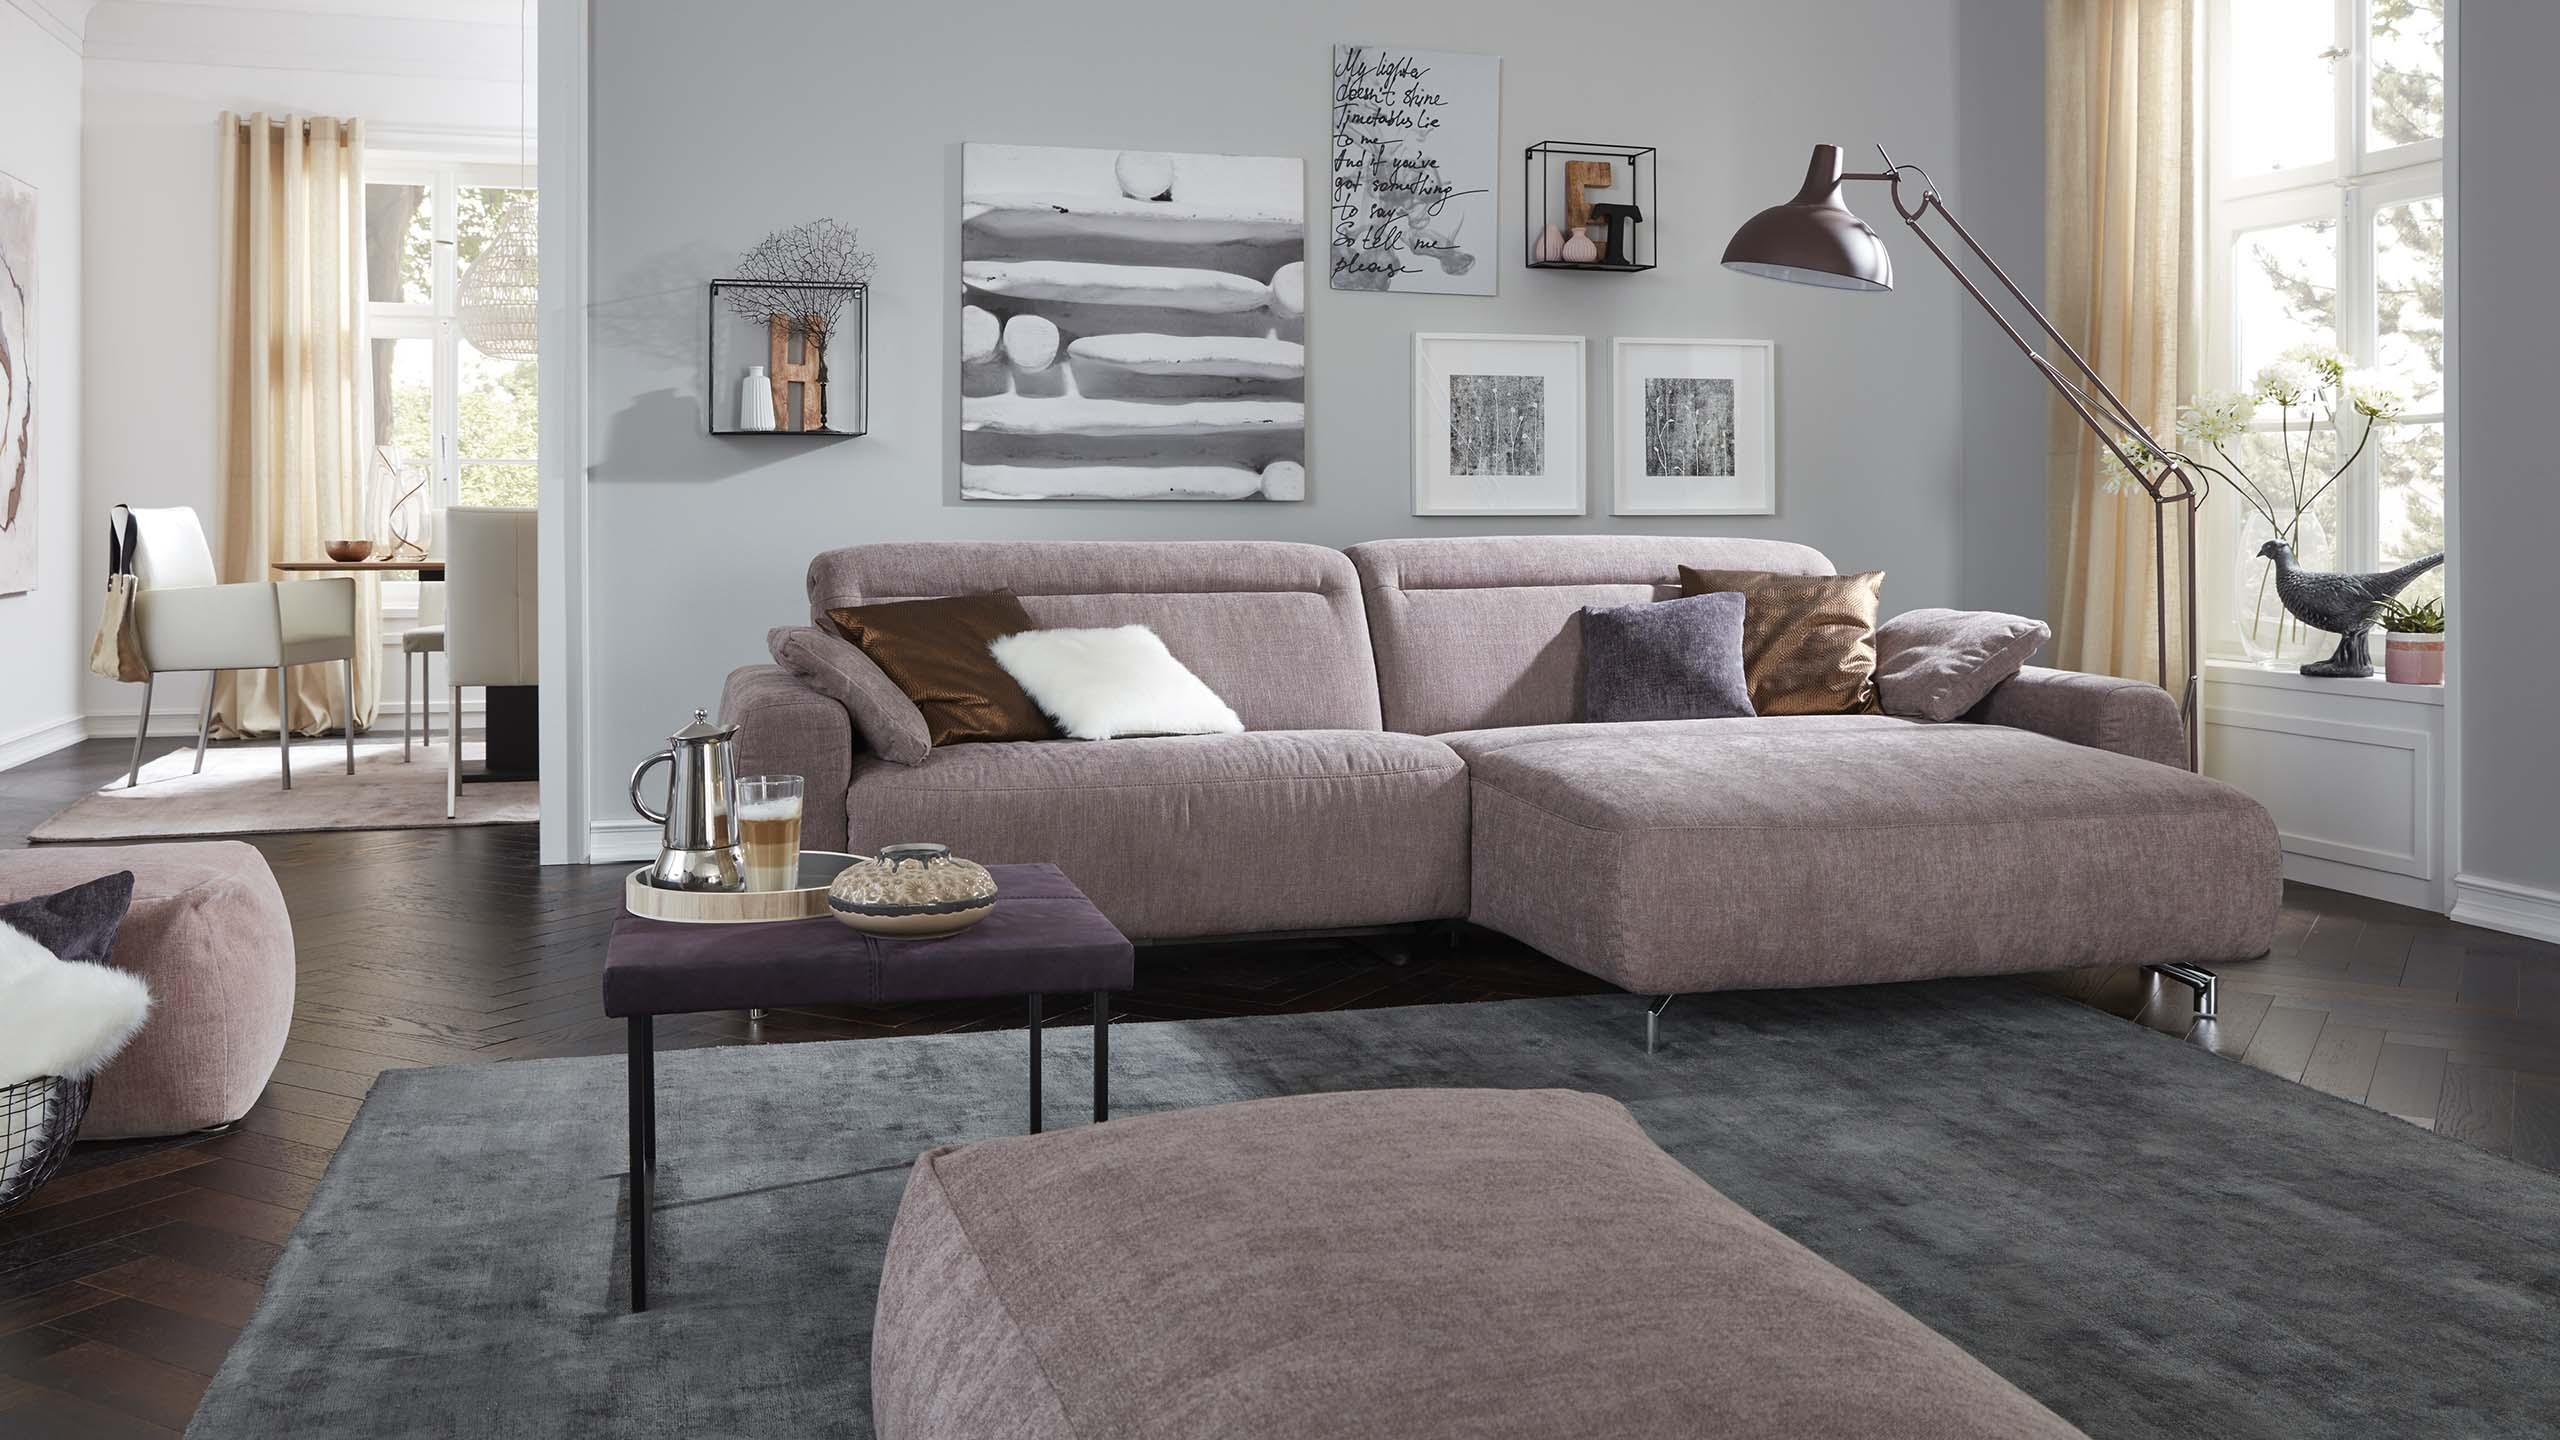 Interliving Sofa Serie 4151 | Interliving - Möbel für mich gemacht